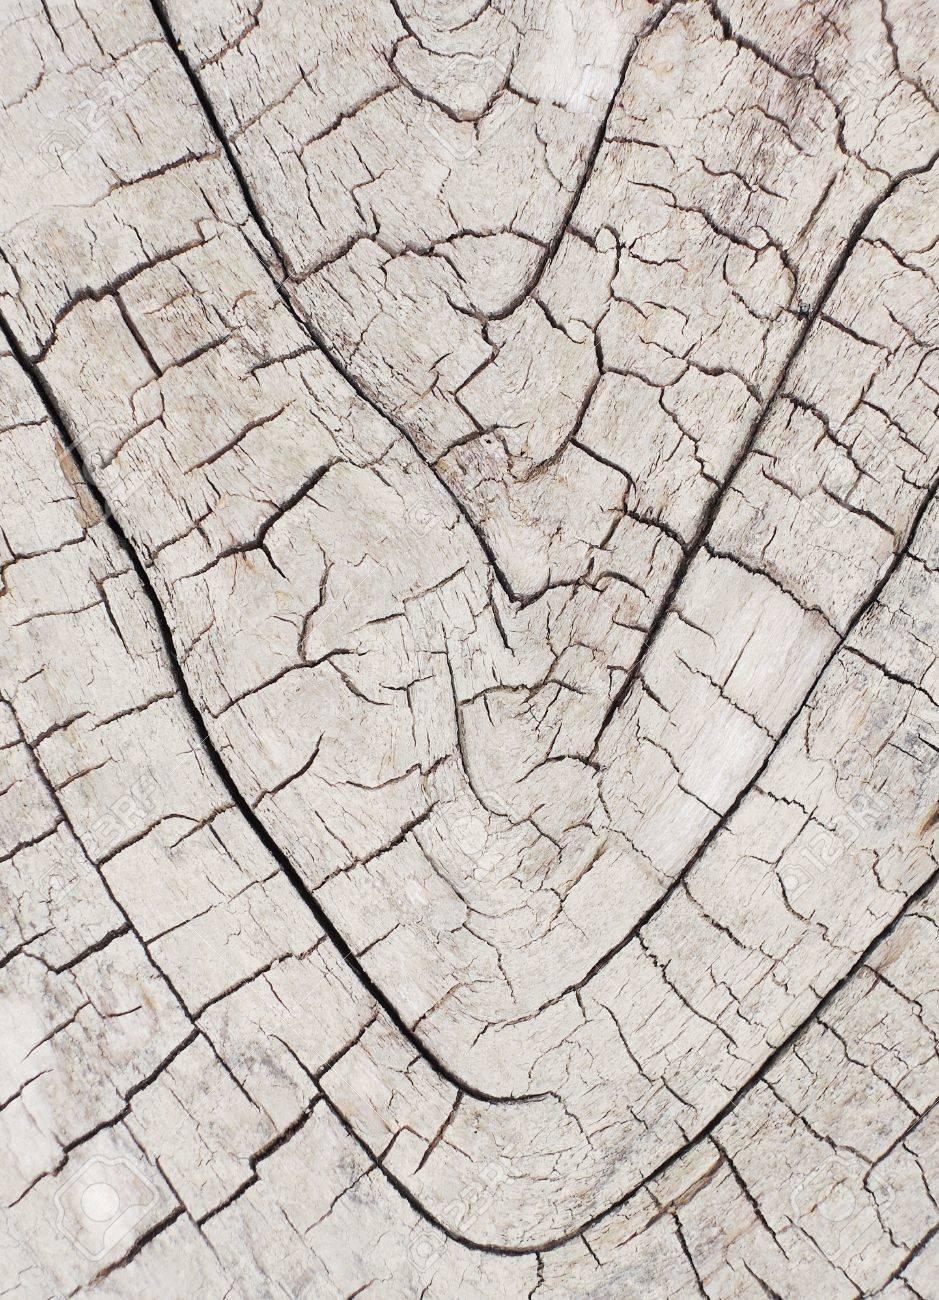 tree bark texture Stock Photo - 20776742